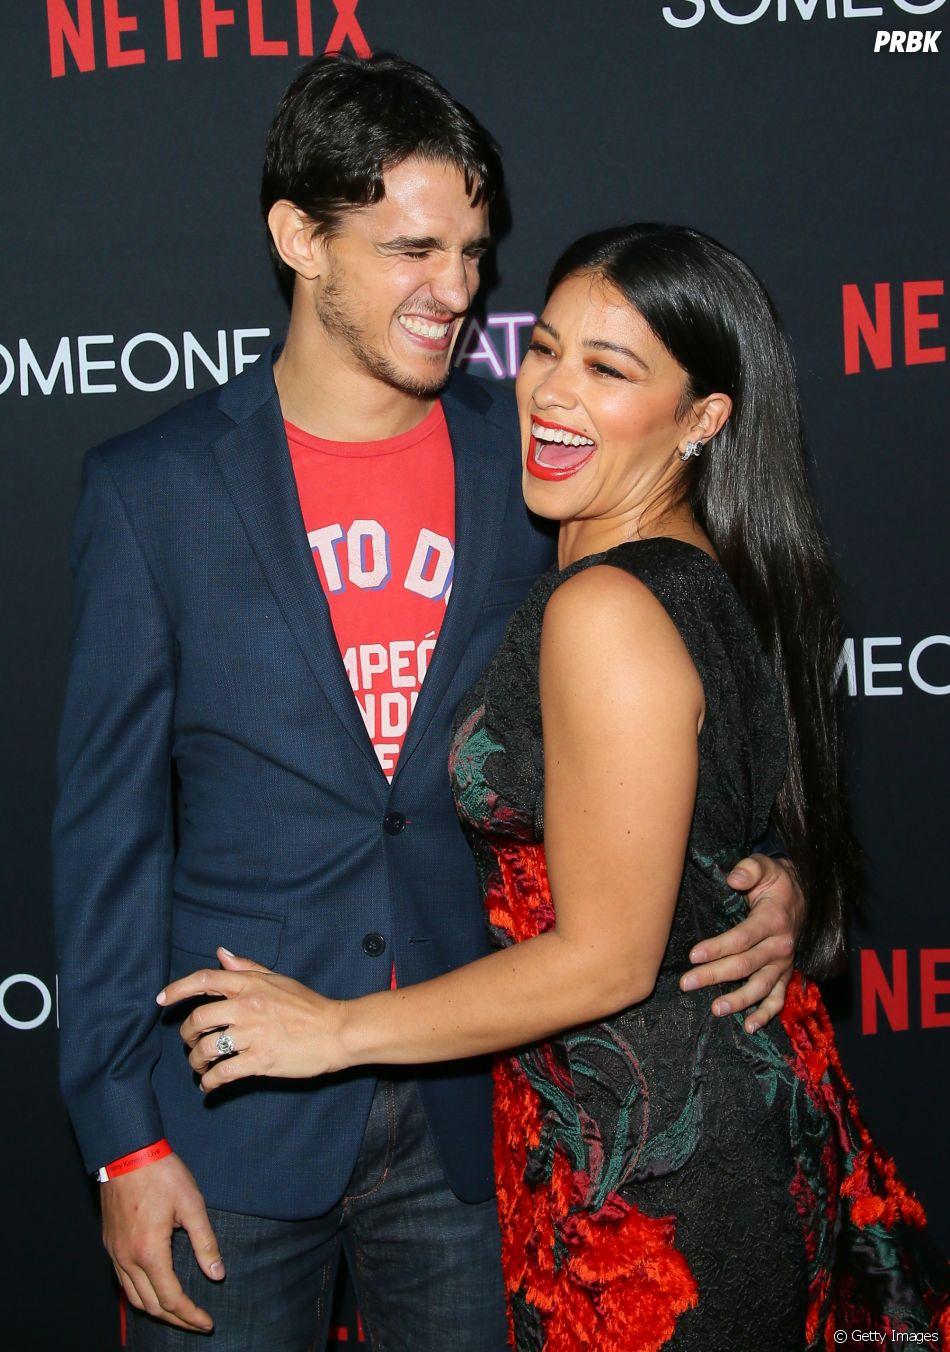 Todos os dias Gina Rodriguez e Joe LoCicero nos provam que são feitos para ficarem juntos!